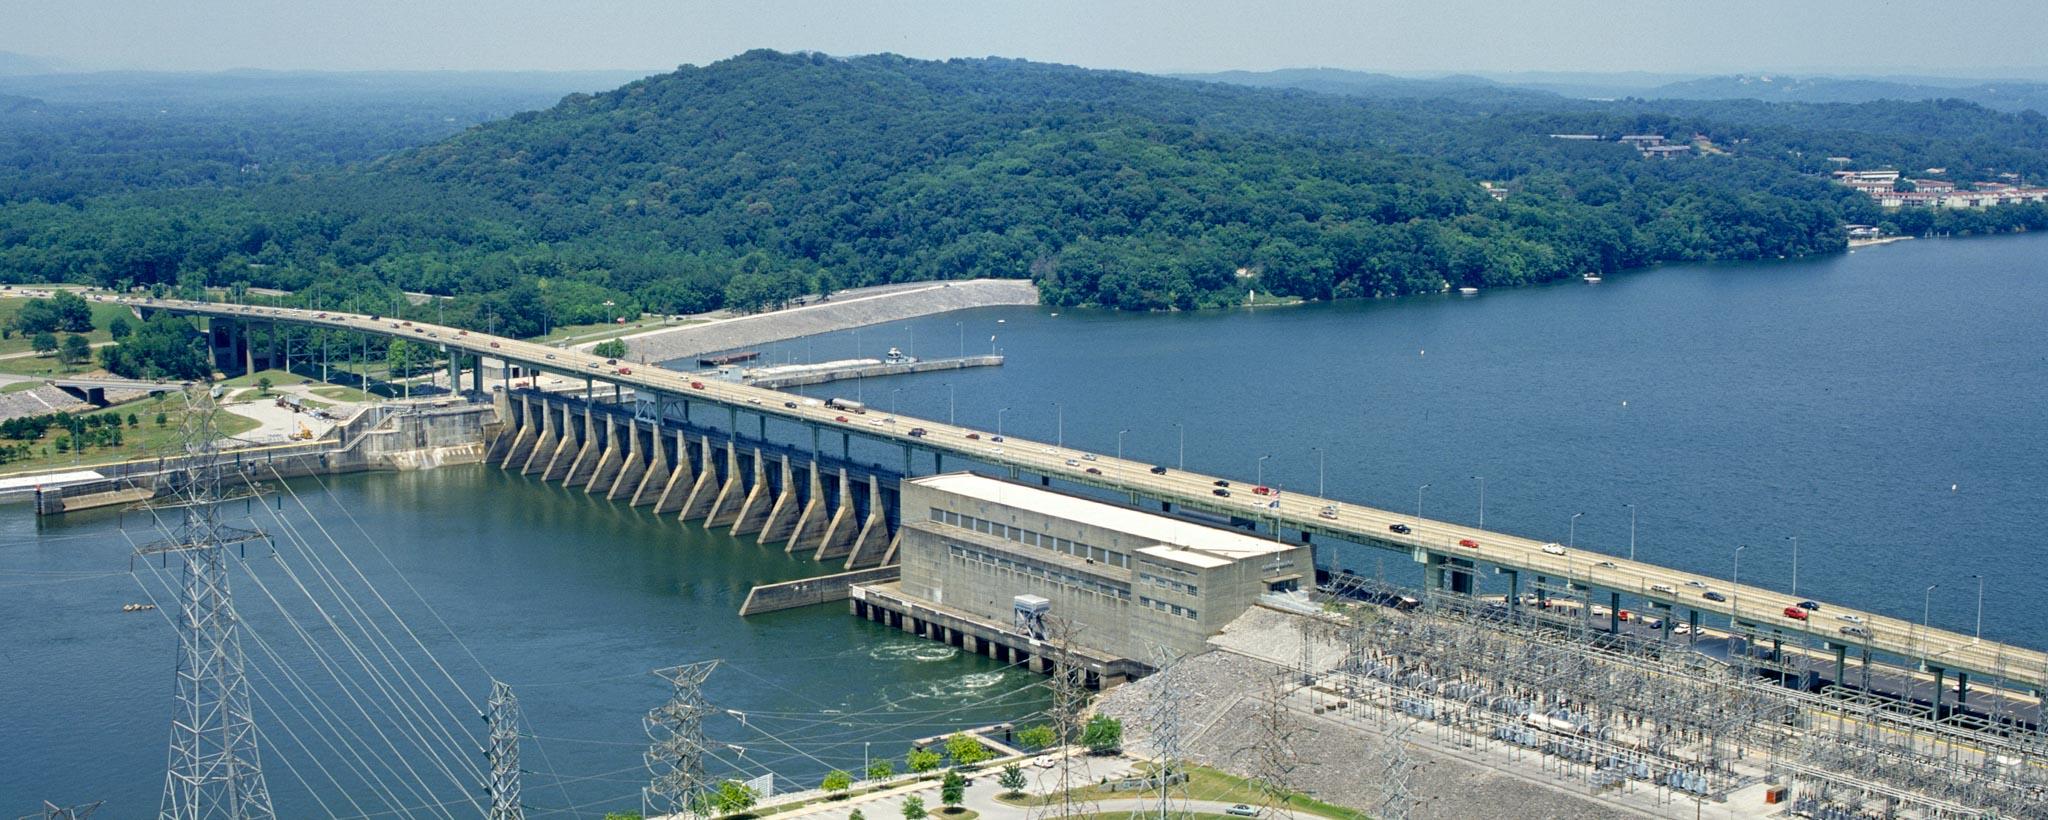 Chickamauga dam city scene 411 in chattanooga for Chickamauga lake fishing